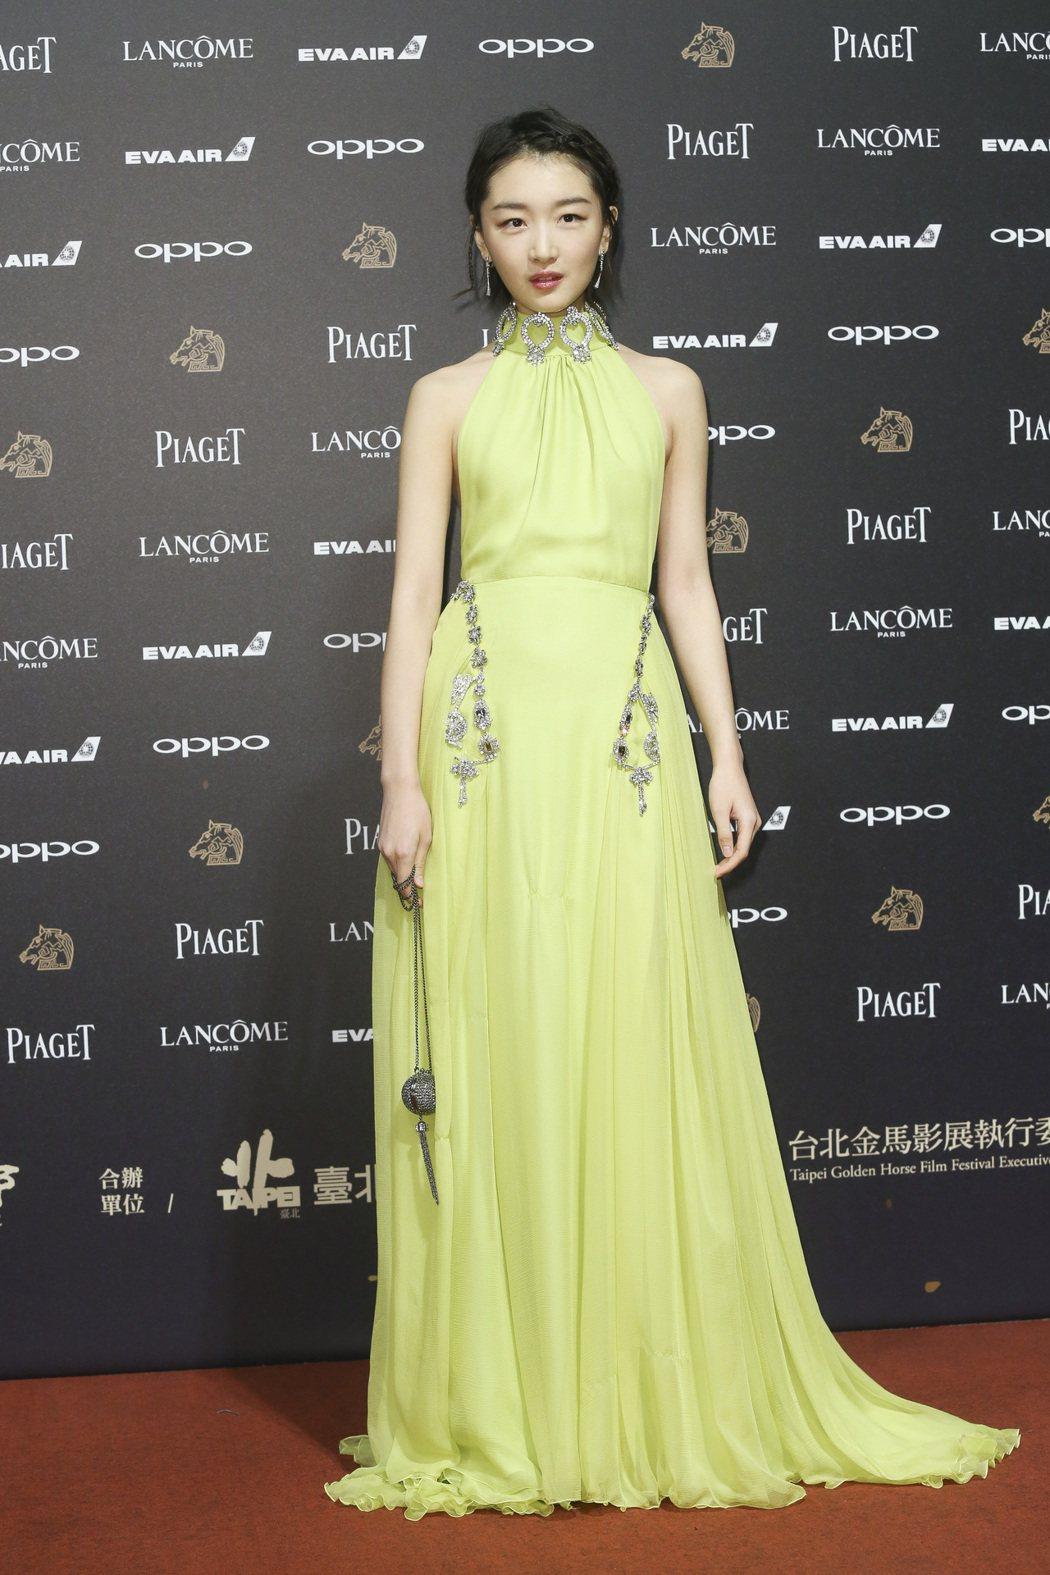 第五十四屆金馬獎頒獎嘉賓周冬雨走紅毯。記者林俊良/攝影